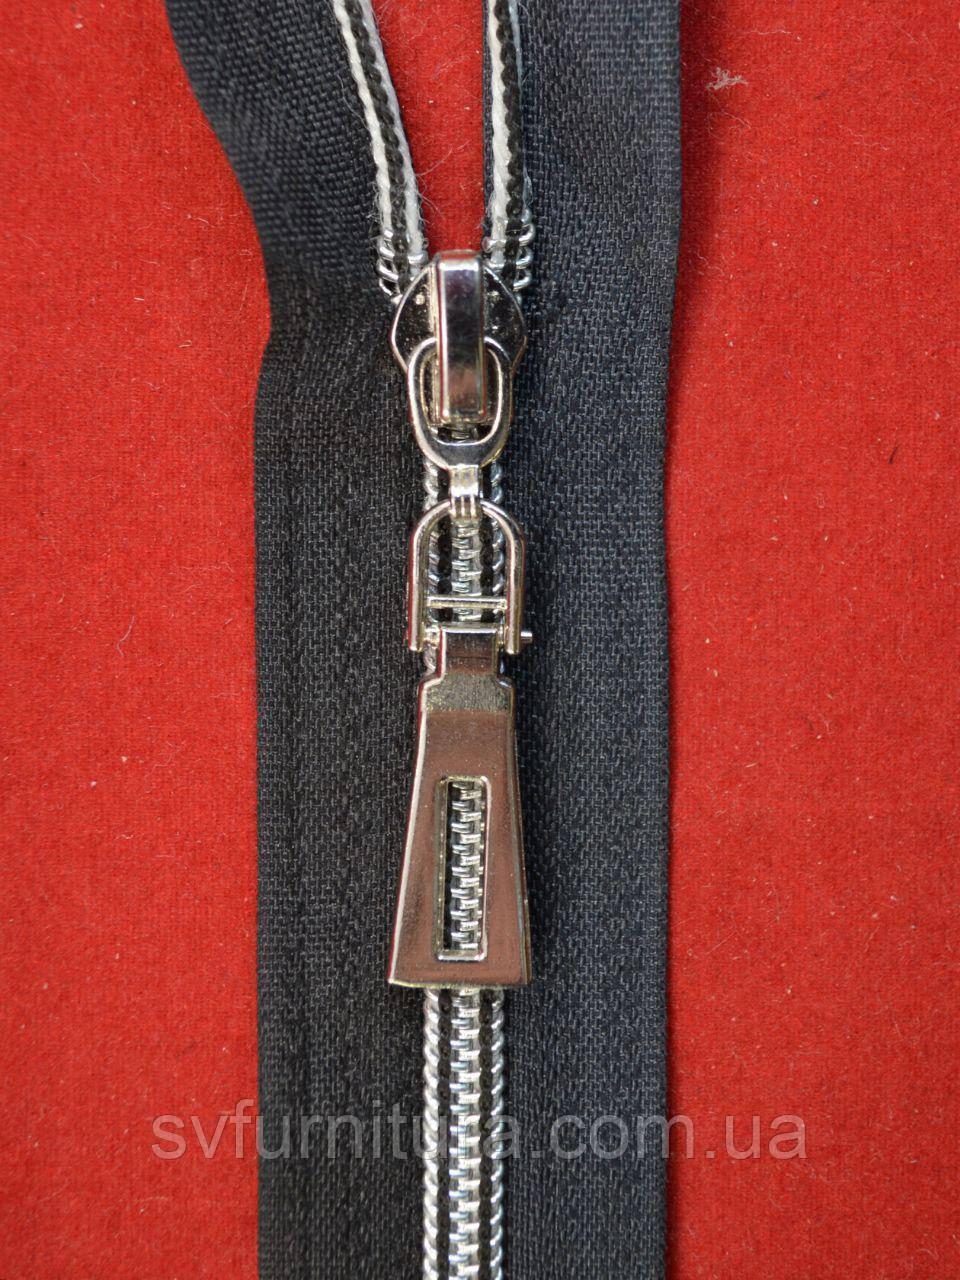 Блискавка спіраль 5 антик Малий трик срібло 322 80см